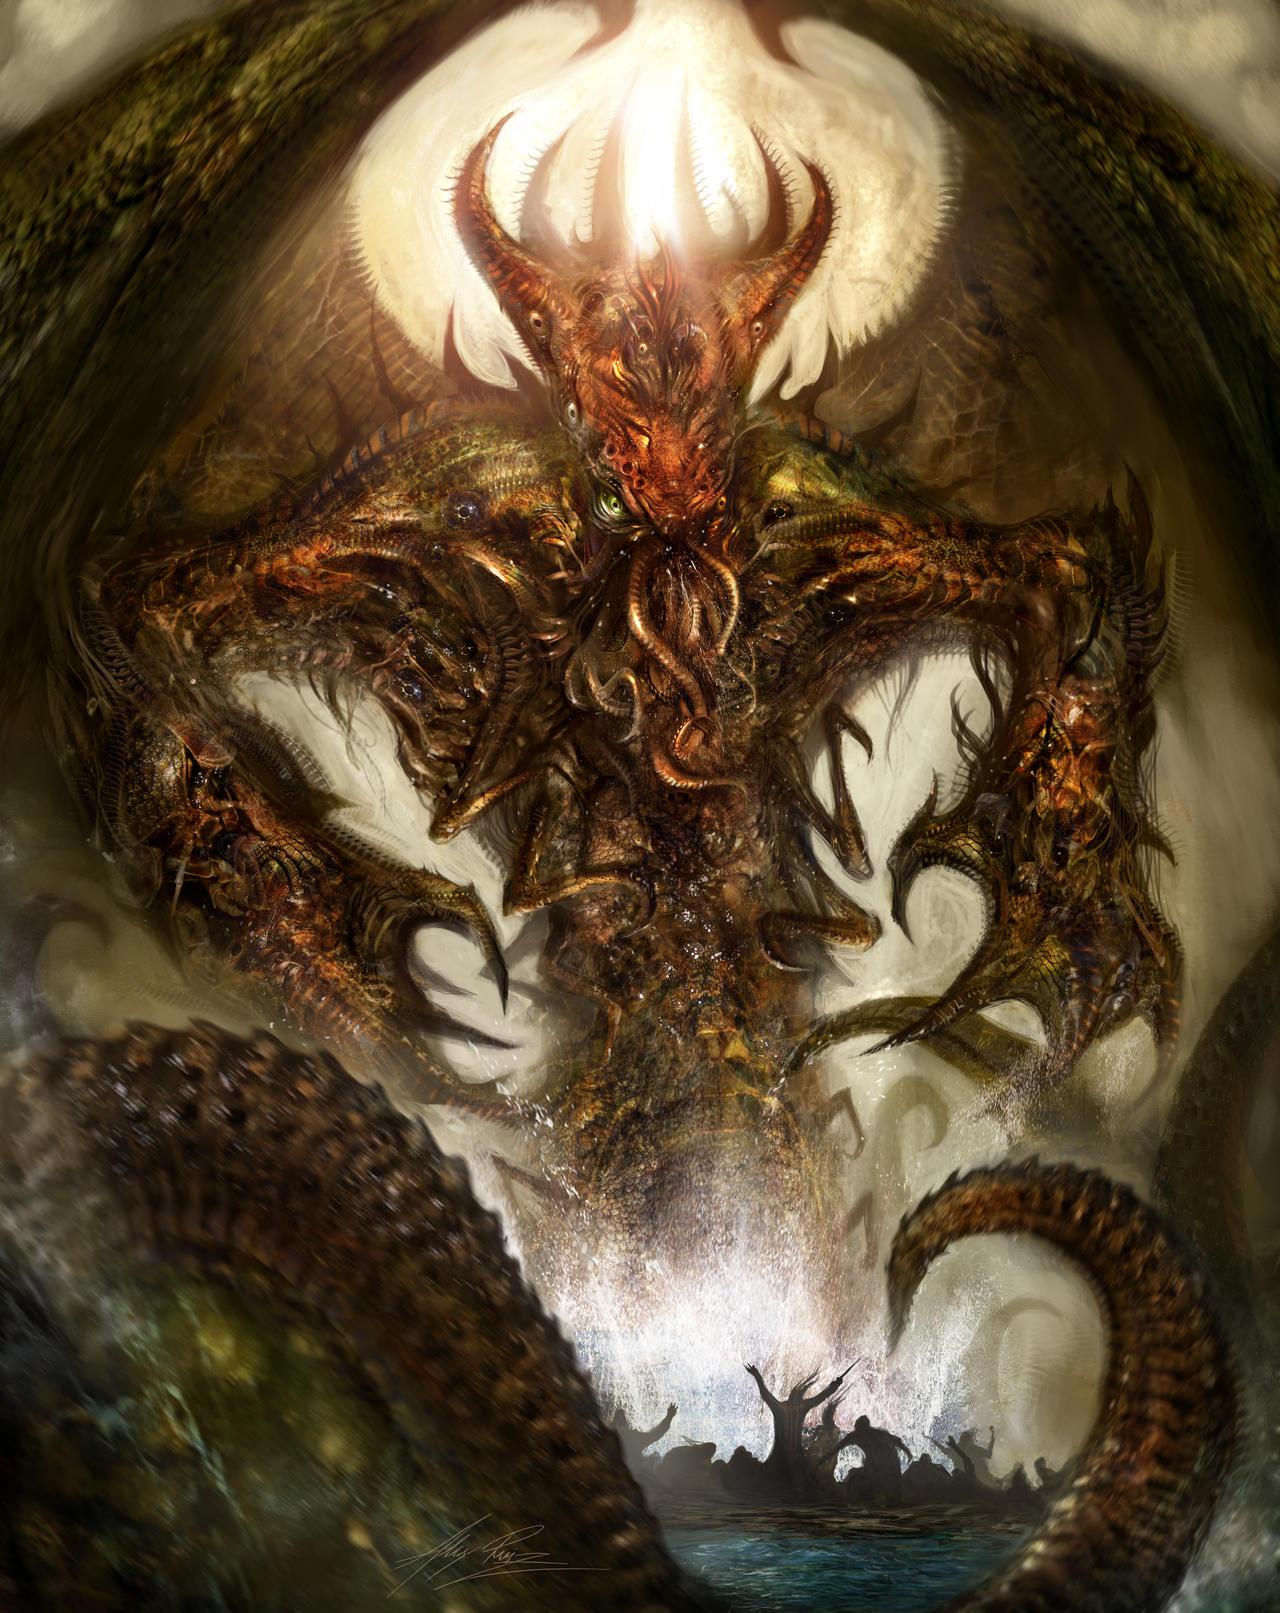 Cthulhu Rising by AlexRuizArt